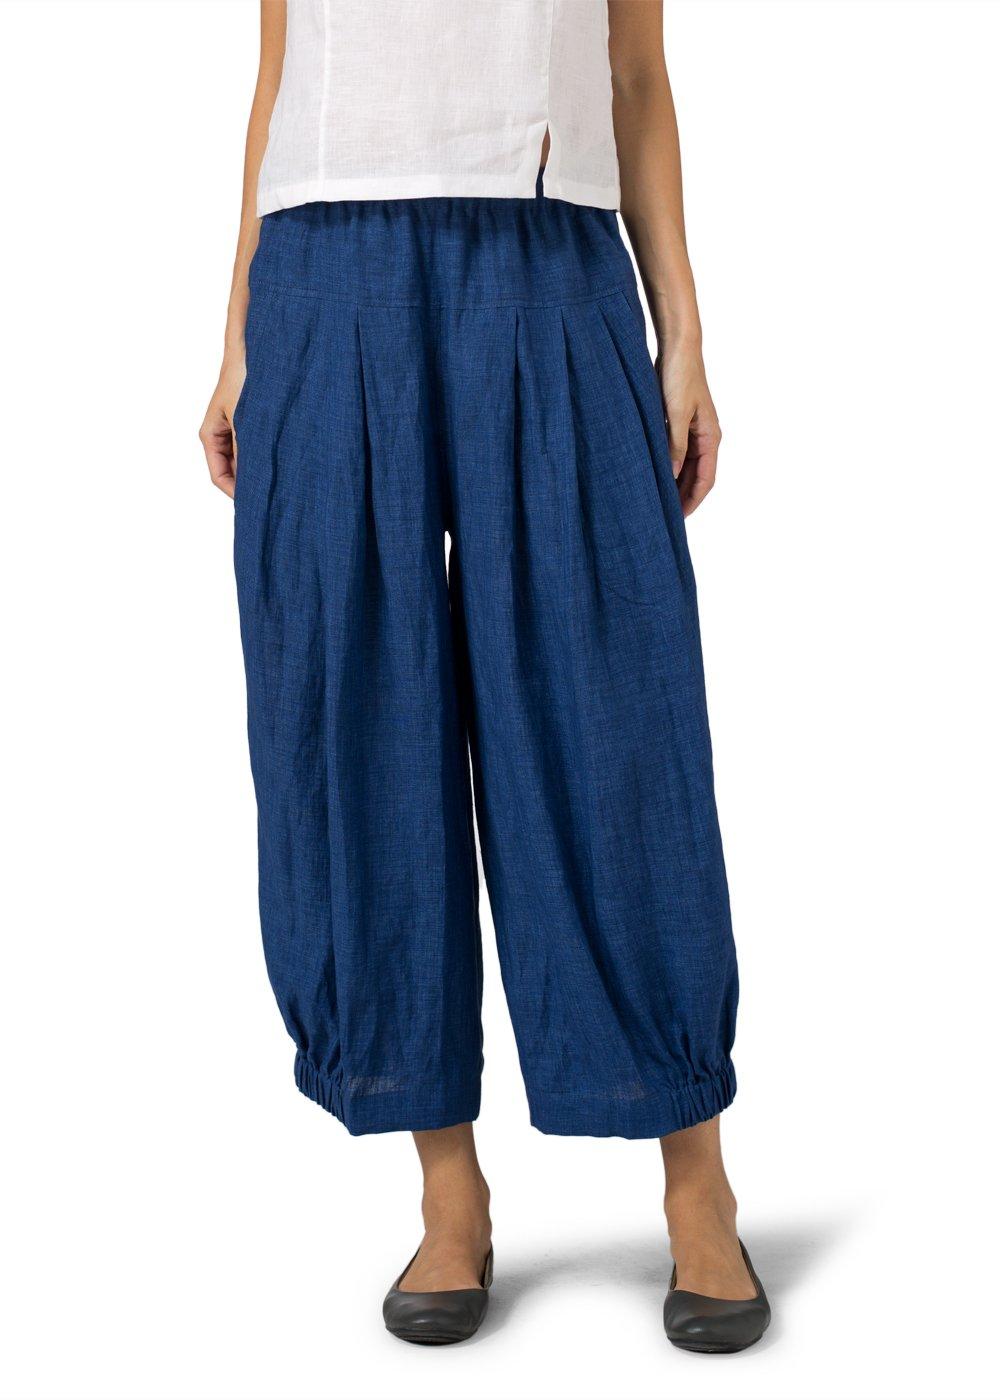 Vivid Linen Crumple Effect Harem Pants (Long)-XL-Denim Blue